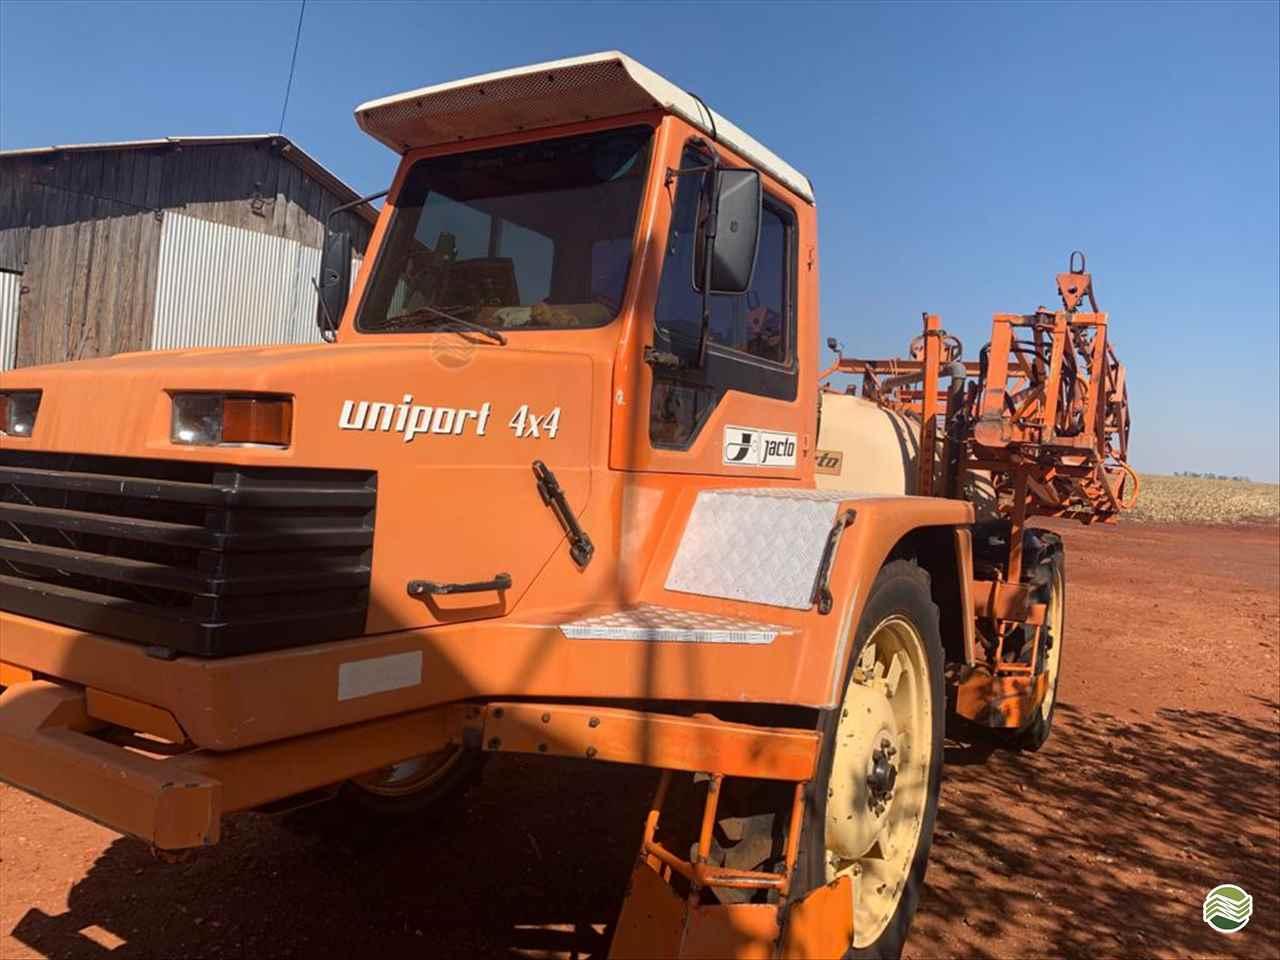 PULVERIZADOR JACTO UNIPORT 3000 Tração 4x4 Central Máquinas - Case  ASSIS SÃO PAULO SP